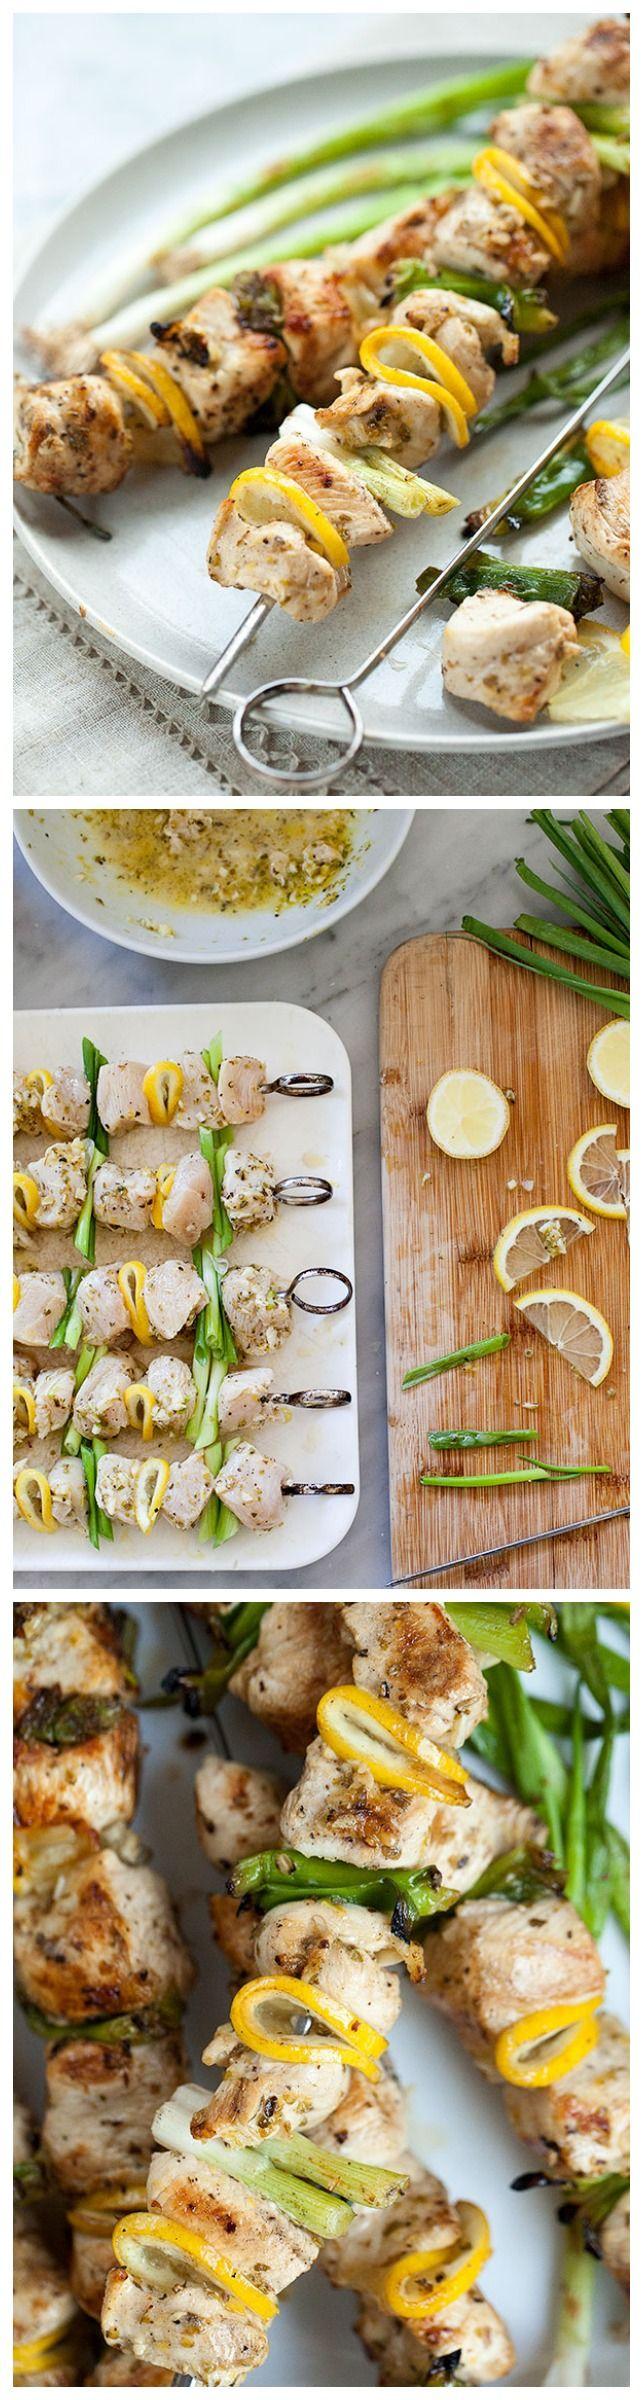 Grilled Lemon Chicken Skewers are my favorite skinny chicken dinner | foodiecrush.com #mediterraneandiet #recipe